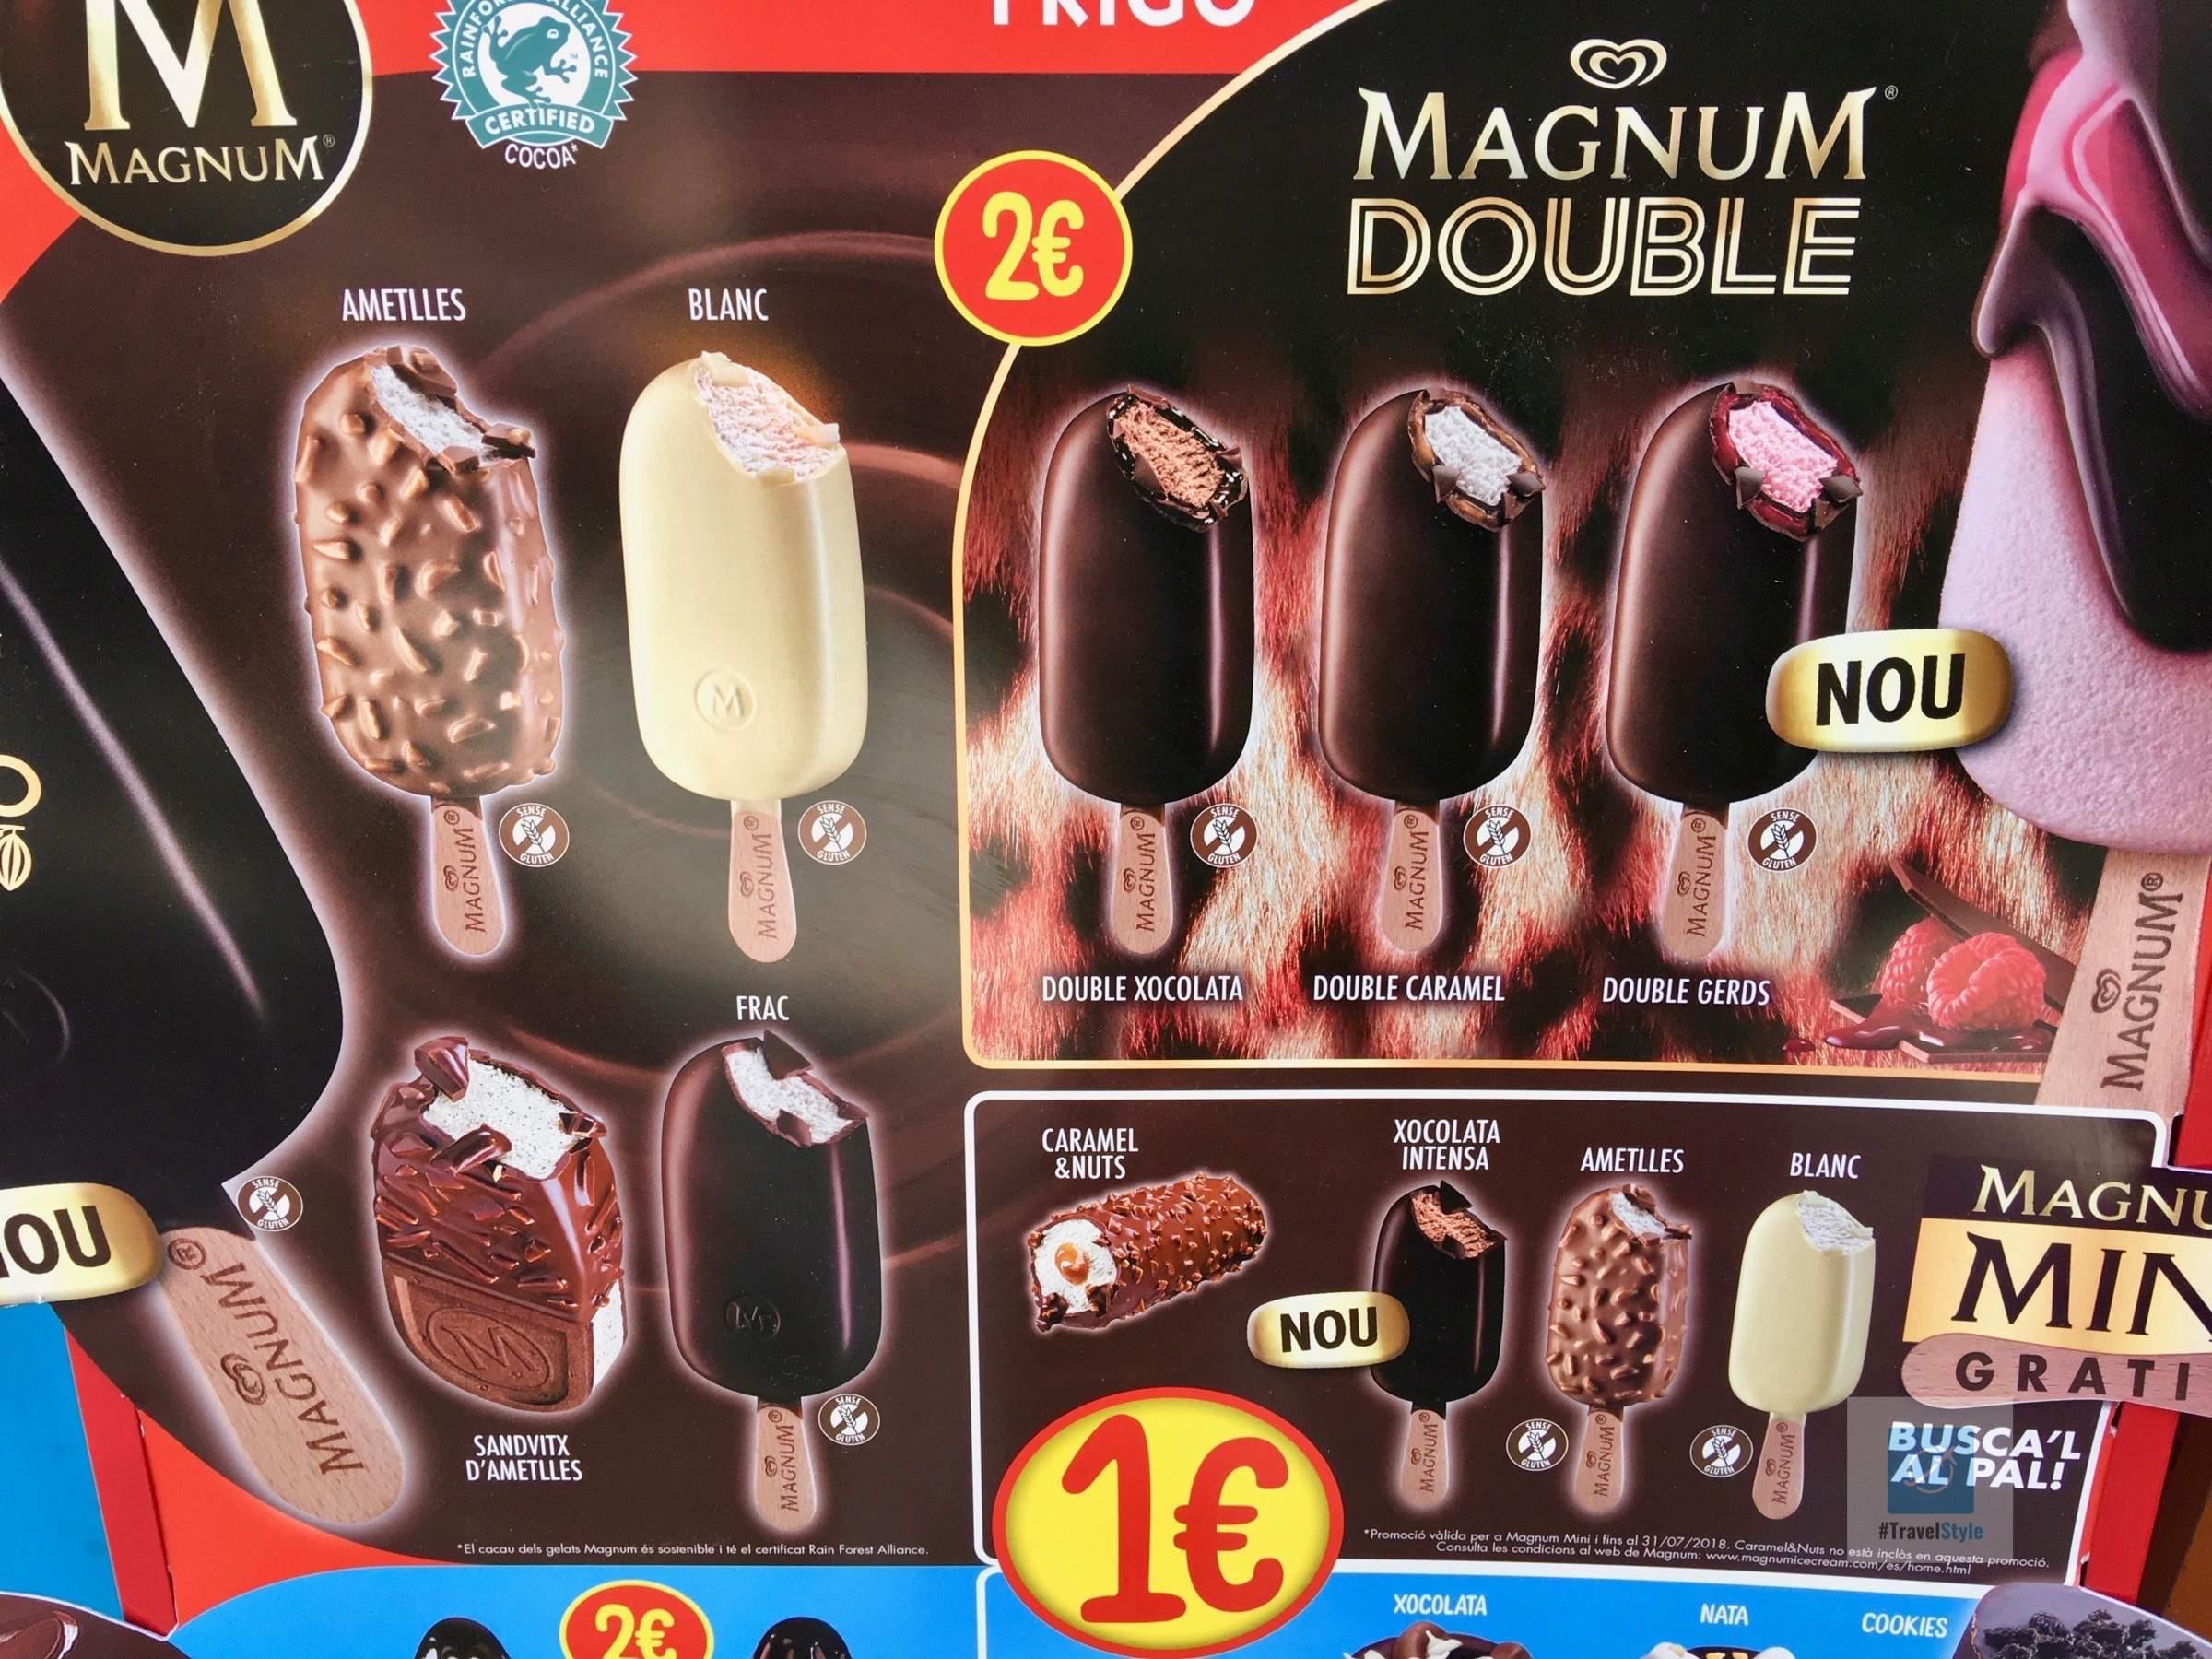 Glutenfreie Magnum Schokolade schön deklariert